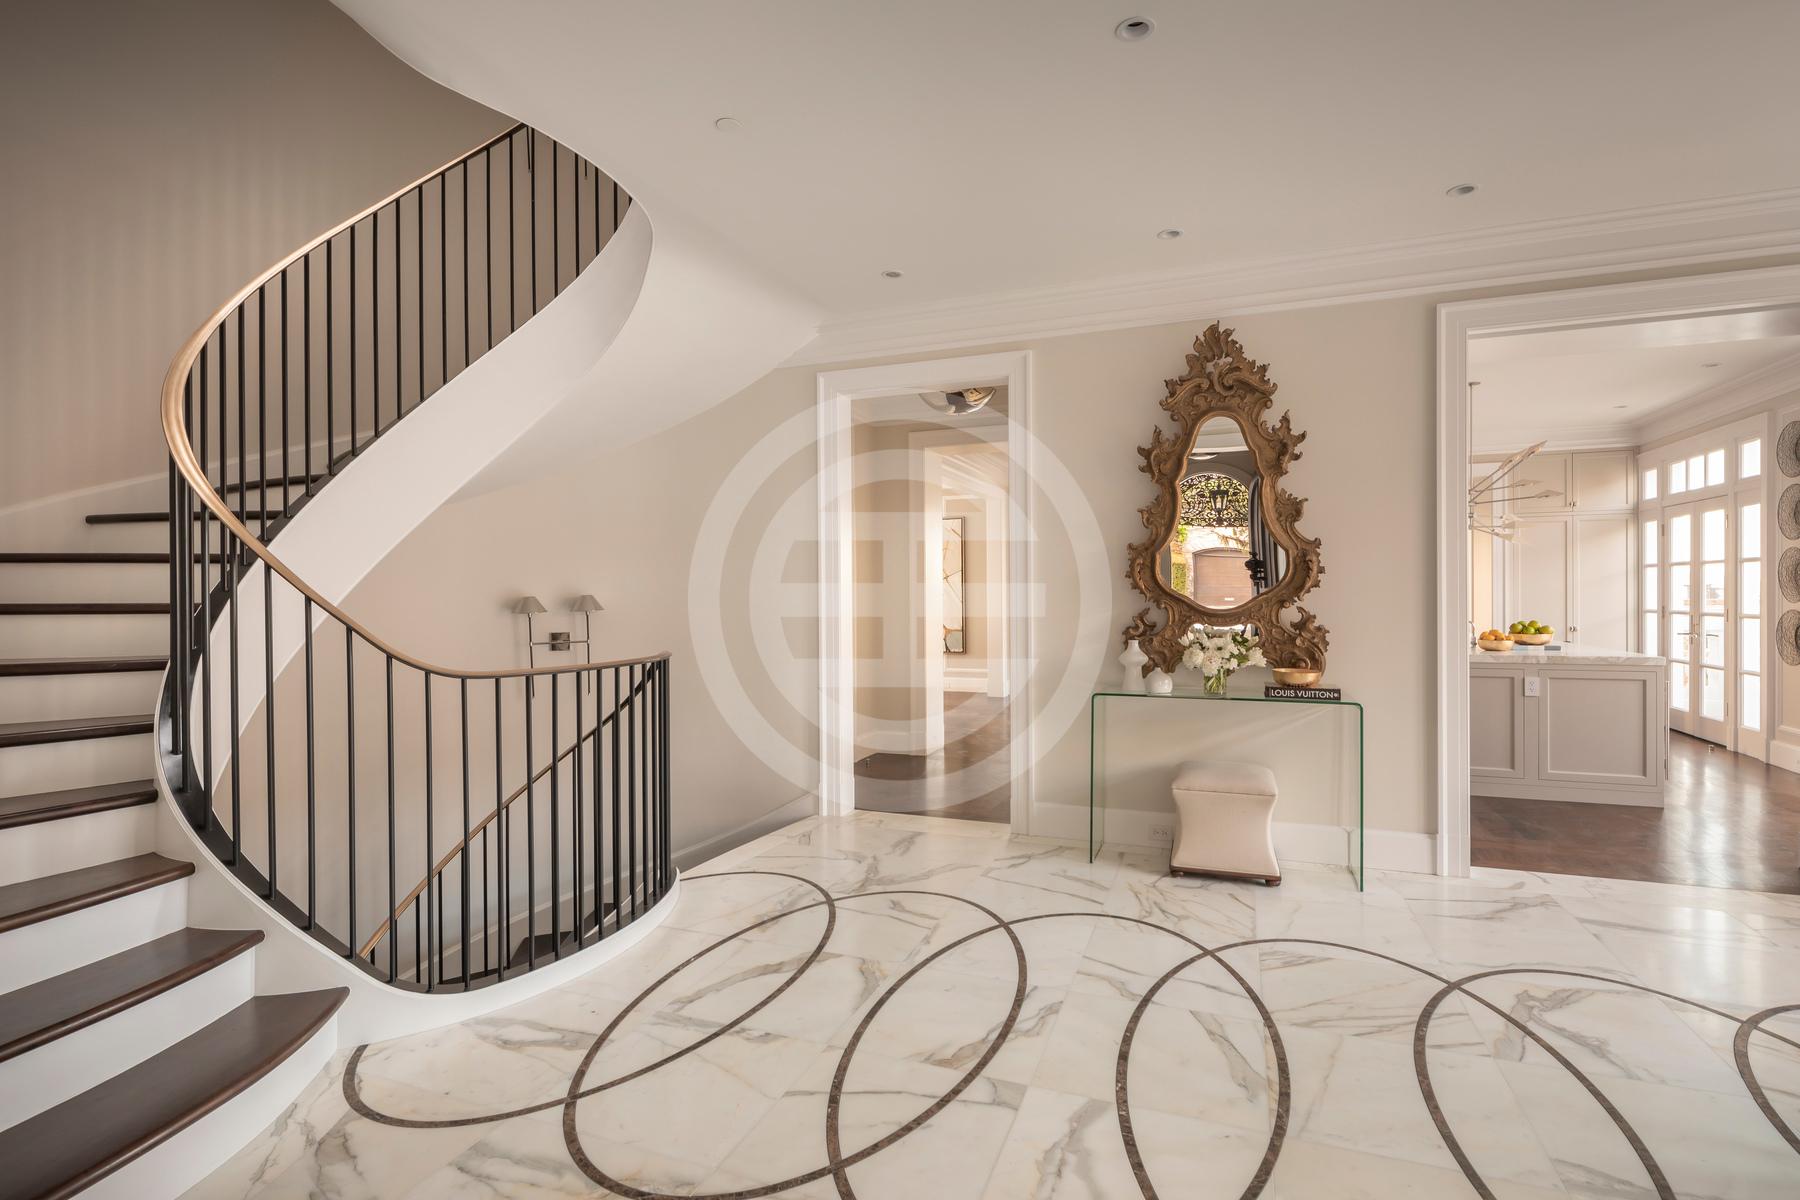 椭圆形螺旋楼梯,大理石地板,简直就是奢华